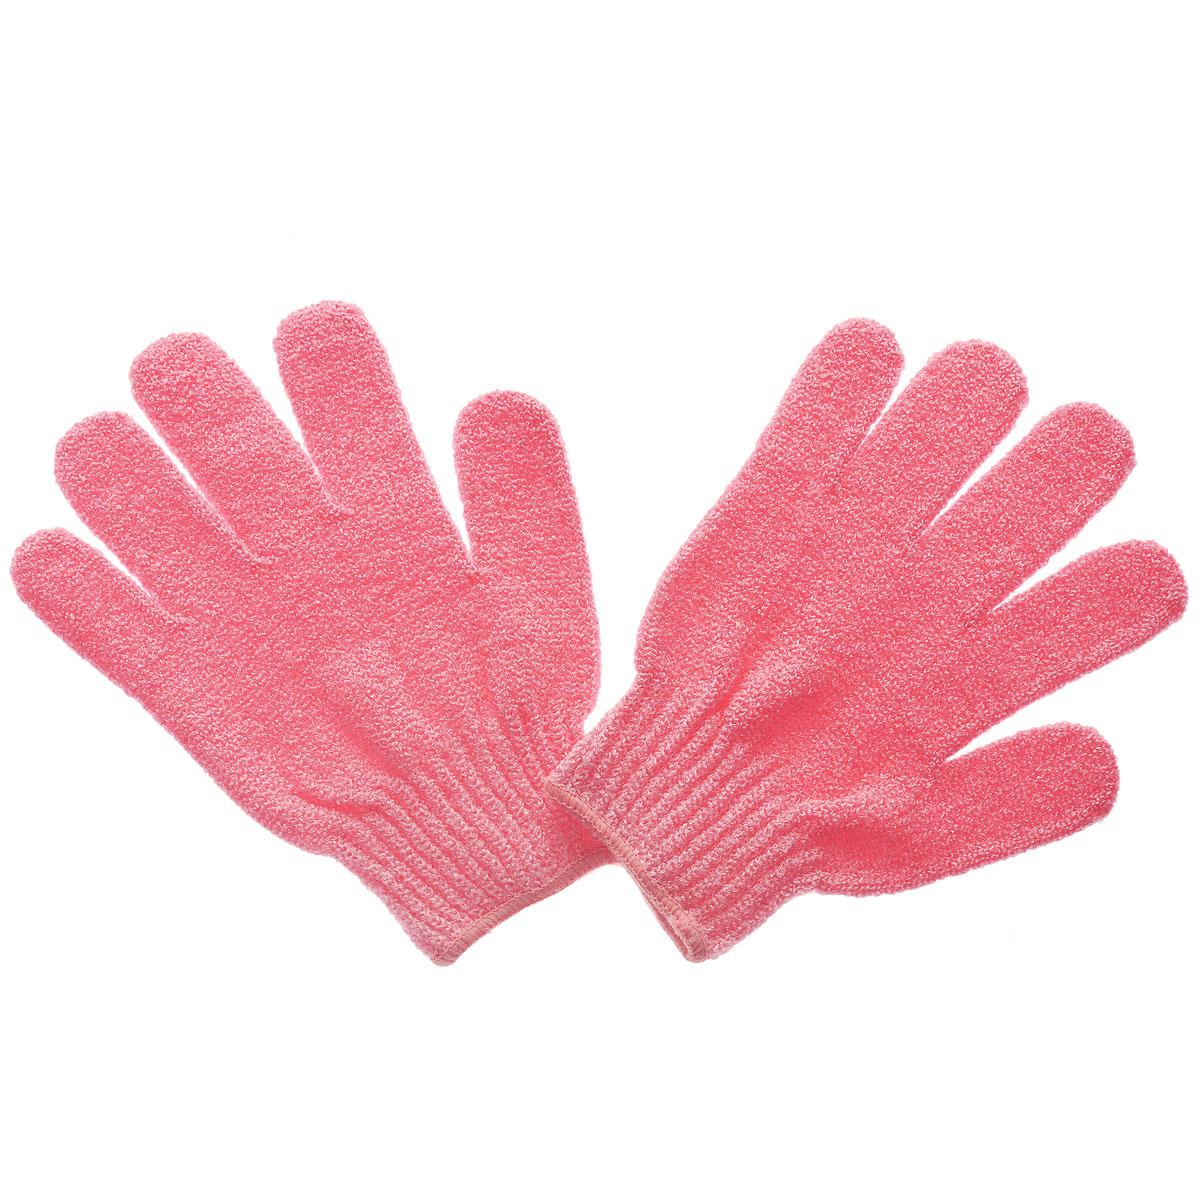 Riffi Перчатки для пилинга, цвет: коралловый615 коралловыйЭластичные безразмерные перчатки Riffi обладают активным антицеллюлитным эффектом и отличным пилинговым действием, тонизируя, массируя и эффективно очищая вашу кожу. Riffi освобождает кожу от отмерших клеток, стимулирует регенерацию. Эффективно предупреждают образование целлюлита и обеспечивают омолаживающий эффект. Кожа становится гладкой, упругой и лучше готовой к принятию косметических средств. Интенсивный и пощипывающе свежий массаж тела с применением Riffi стимулирует кровообращение, активирует кровоснабжение, способствует обмену веществ. В комплекте 1 пара перчаток. Материал: 100% полиакрил. Размер перчатки (в нерастянутом виде): 17,5 см x 12,5 см.